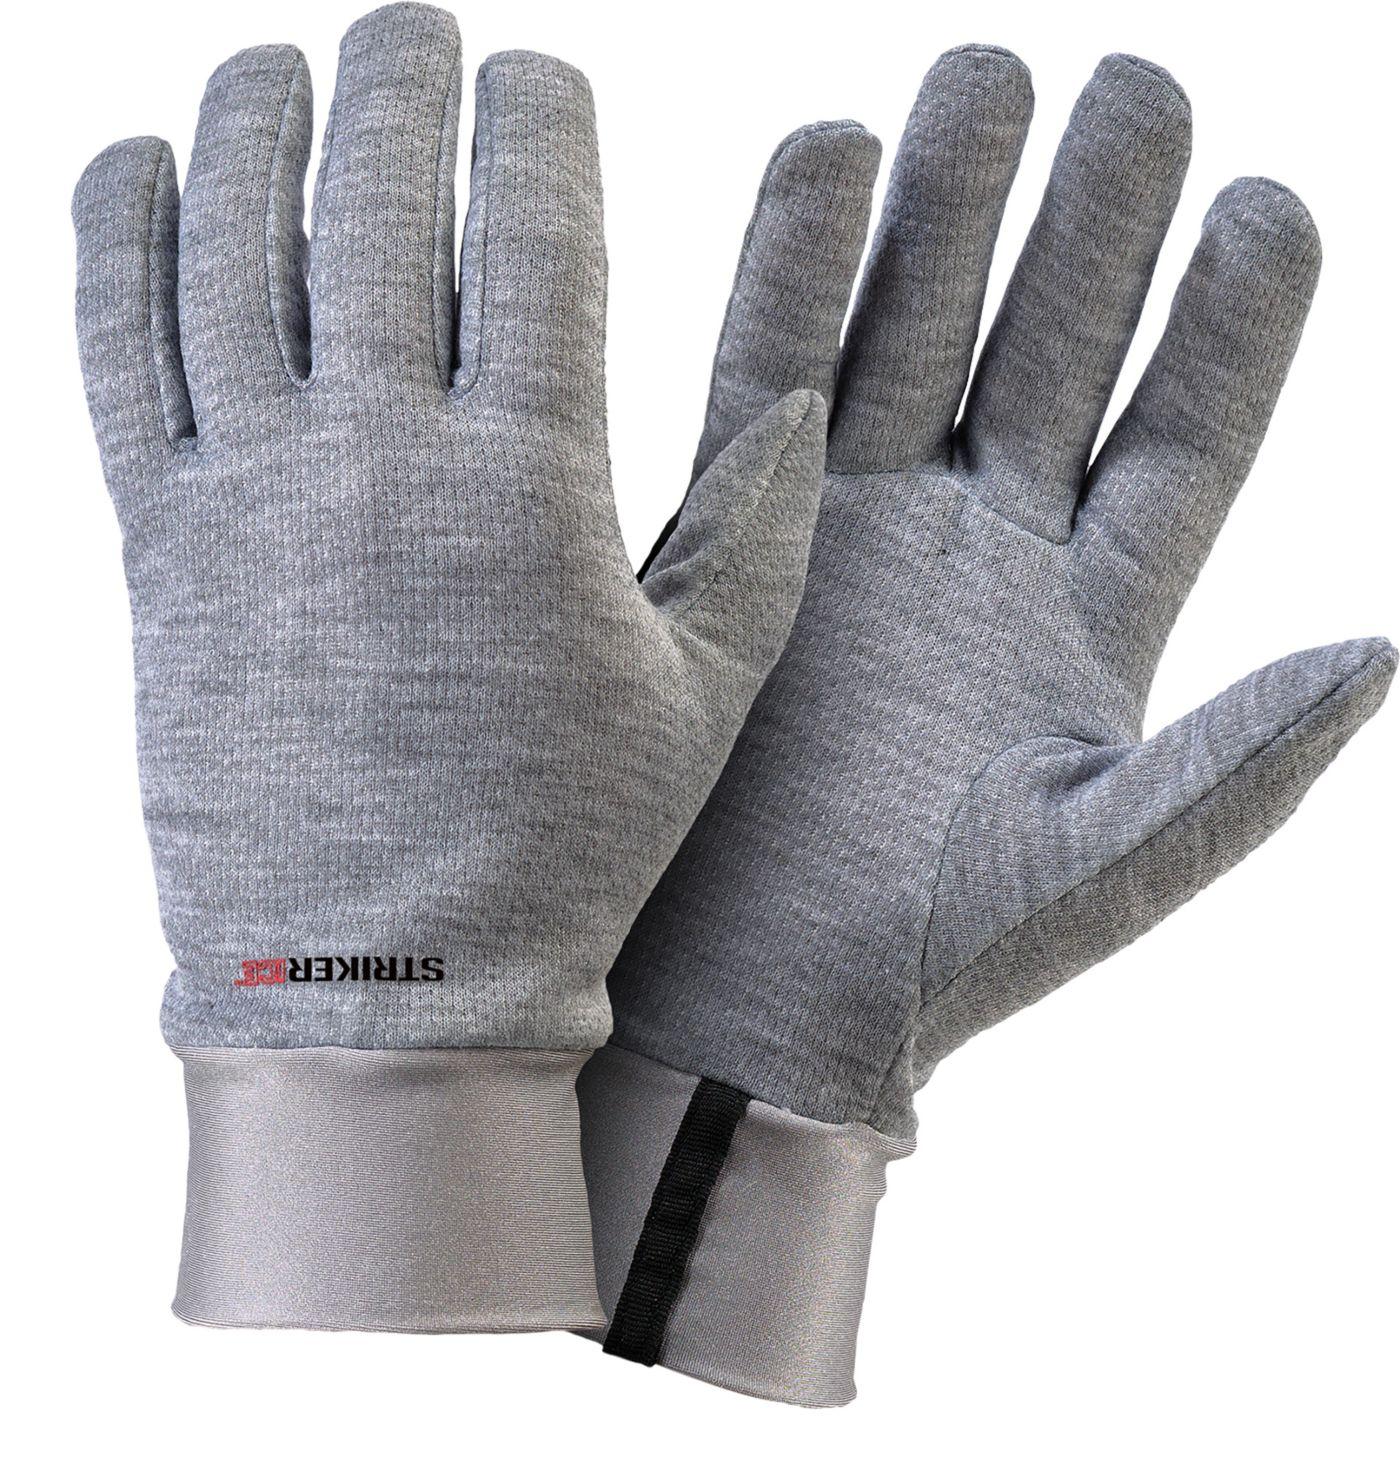 Striker Ice Men's Liner Ice Fishing Gloves